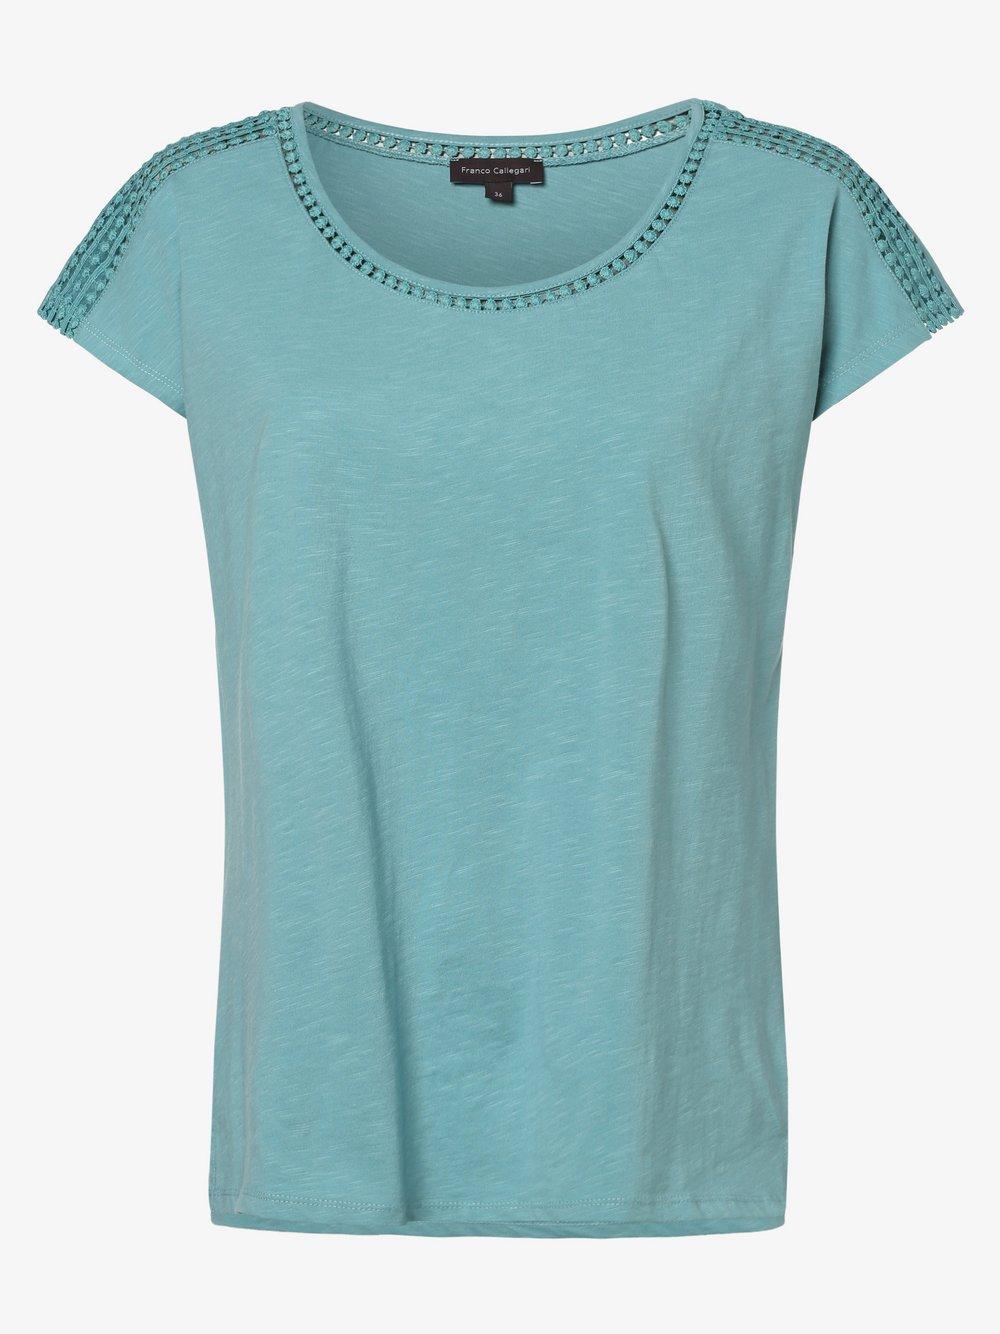 Franco Callegari - T-shirt damski, zielony